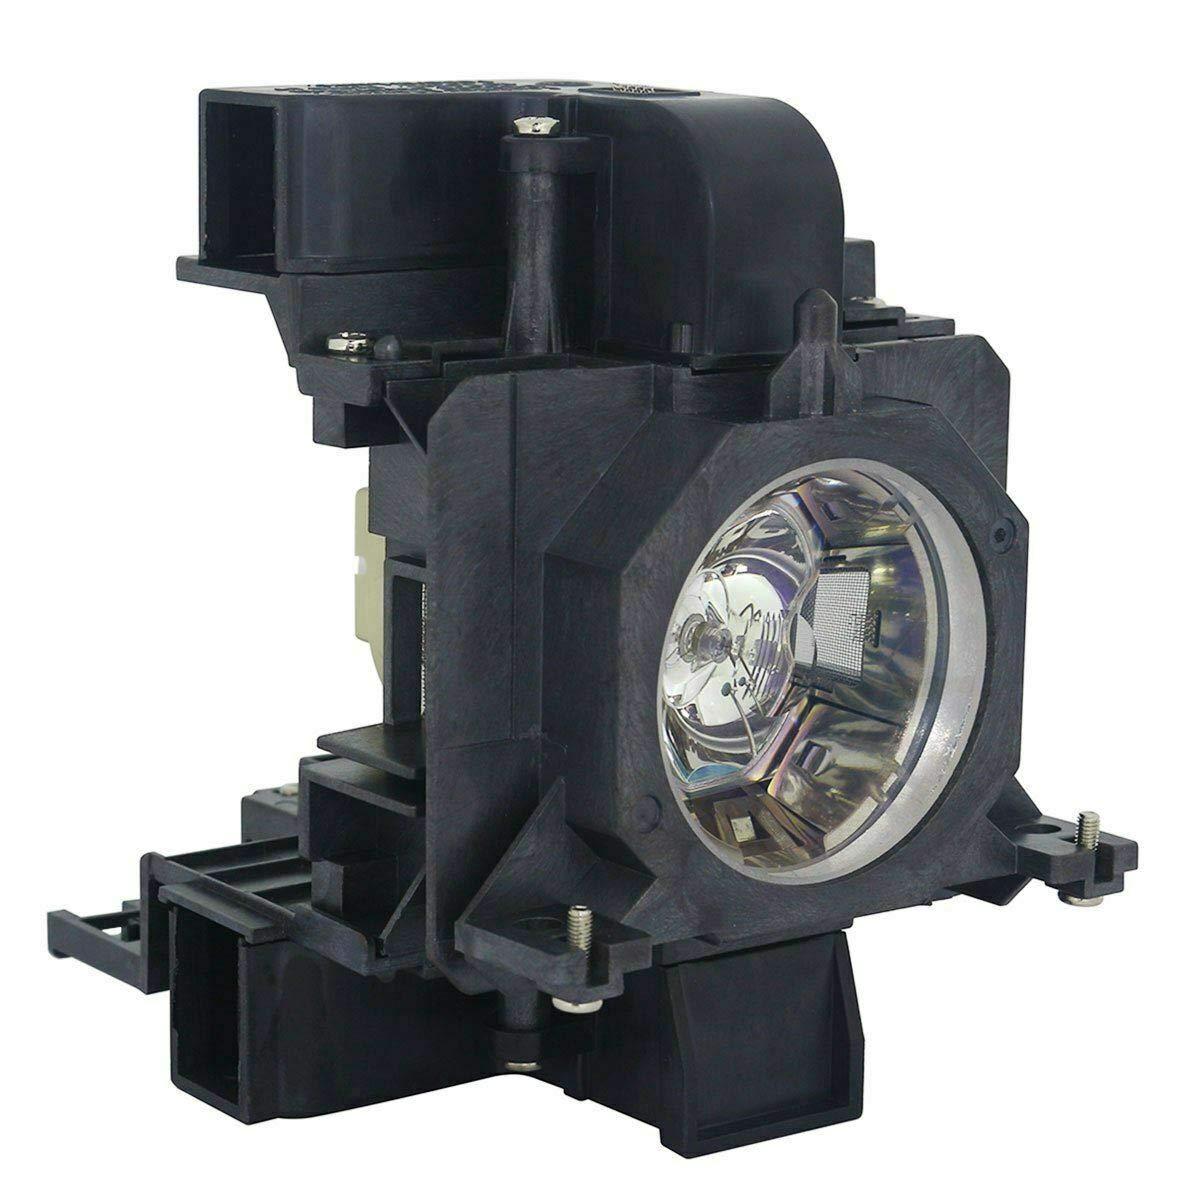 CTLAMP ET-LAE200 交換用ランプ電球 ハウジング付き パナソニック PT-EW530E / PT-EW530EL / PT-EW630E / PT-EW630EL / PT-EX500Eに対応   B07P5RPCNP